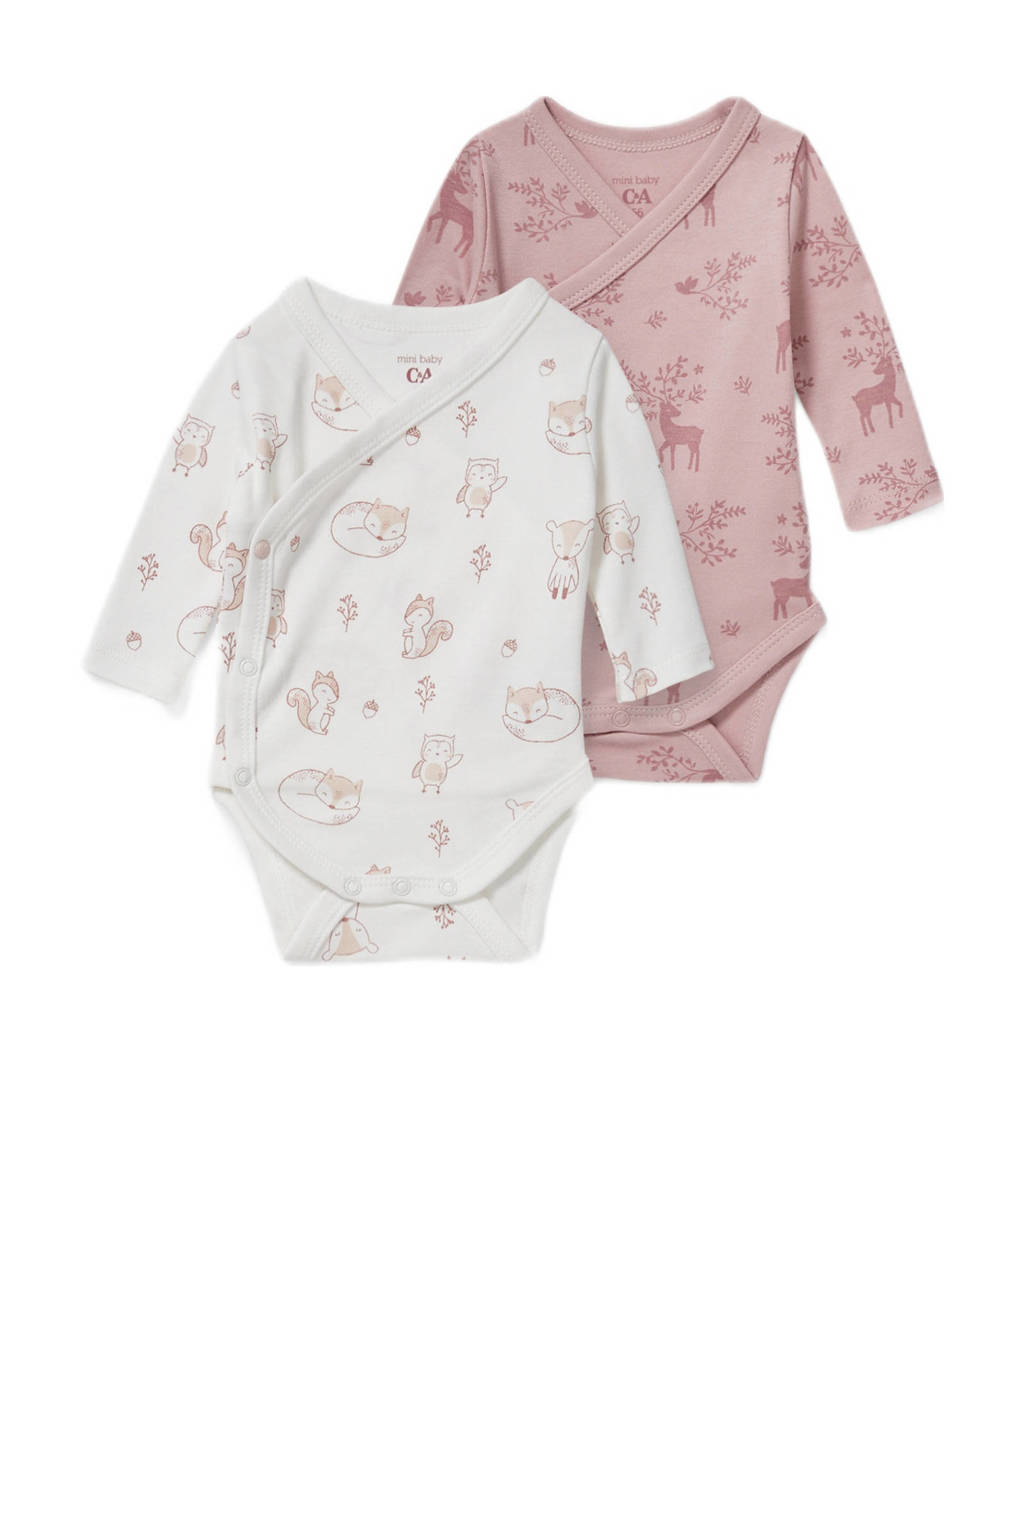 C&A Baby Newborn romper met overslag - set van 2 ecru/oudroze, Ecru/oudroze